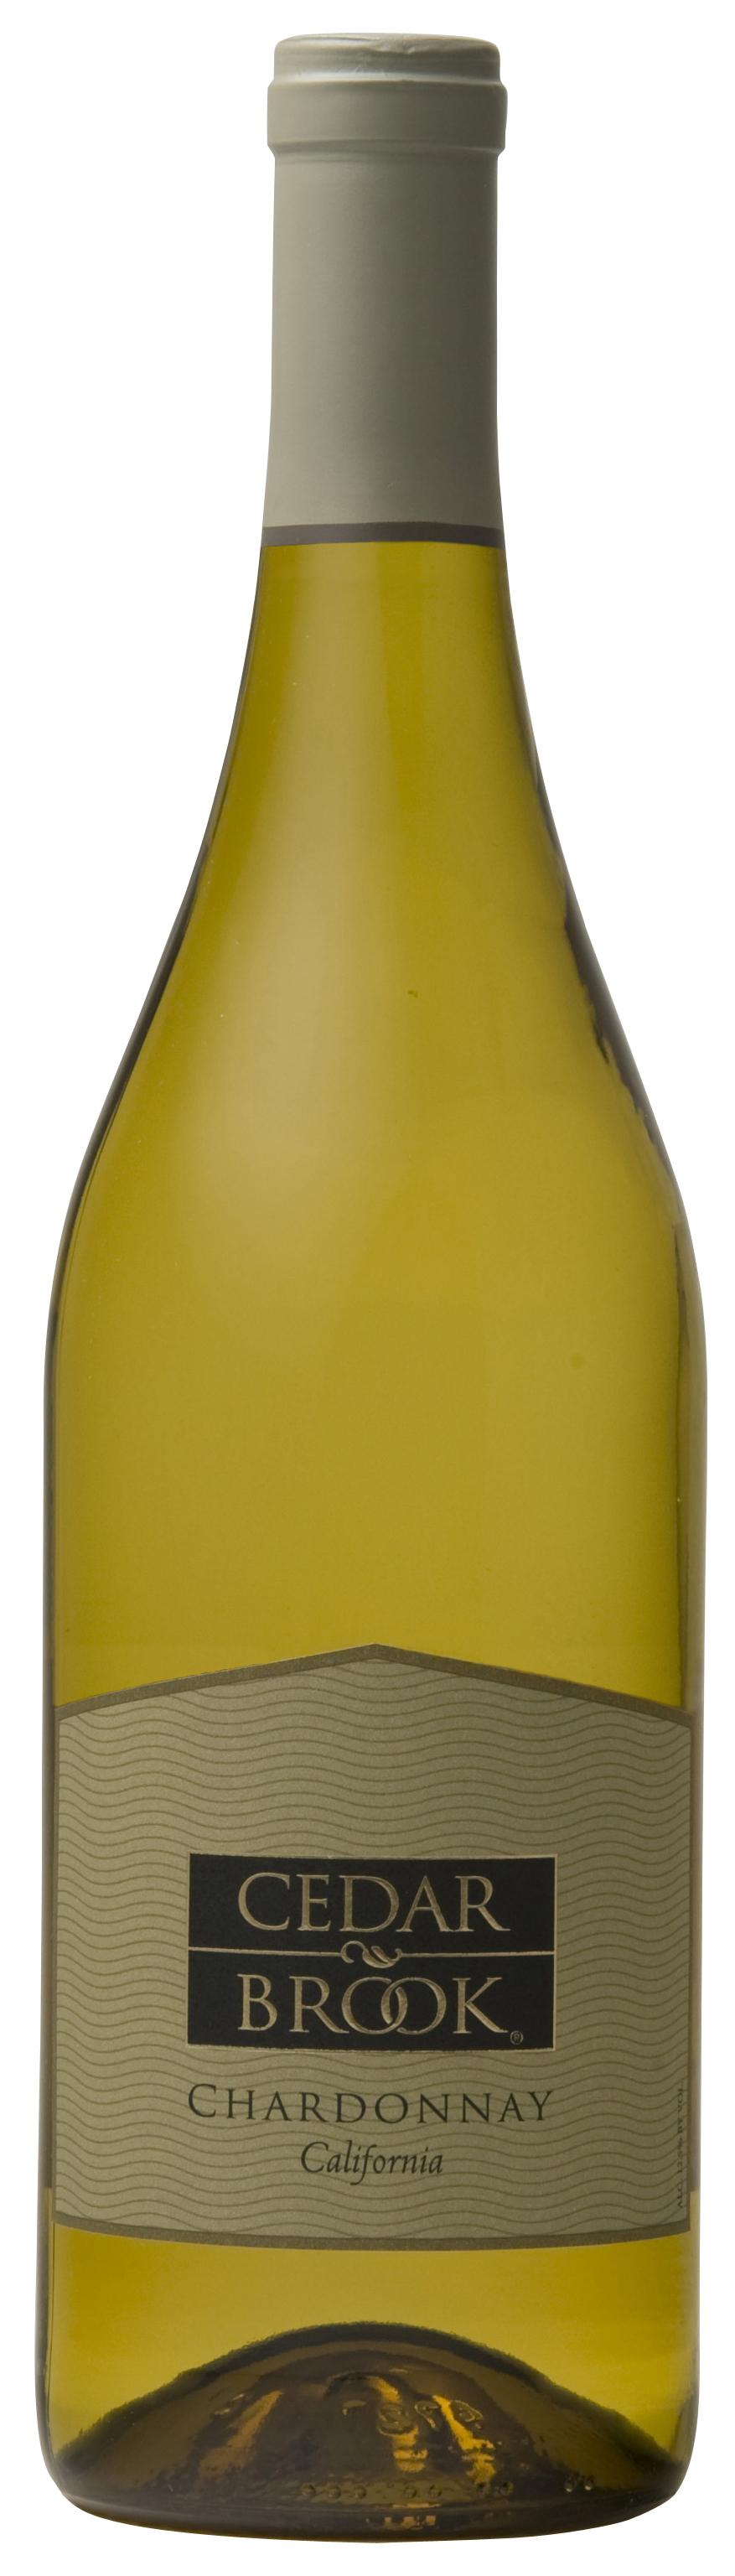 Cedar Brook Chardonnay bottle